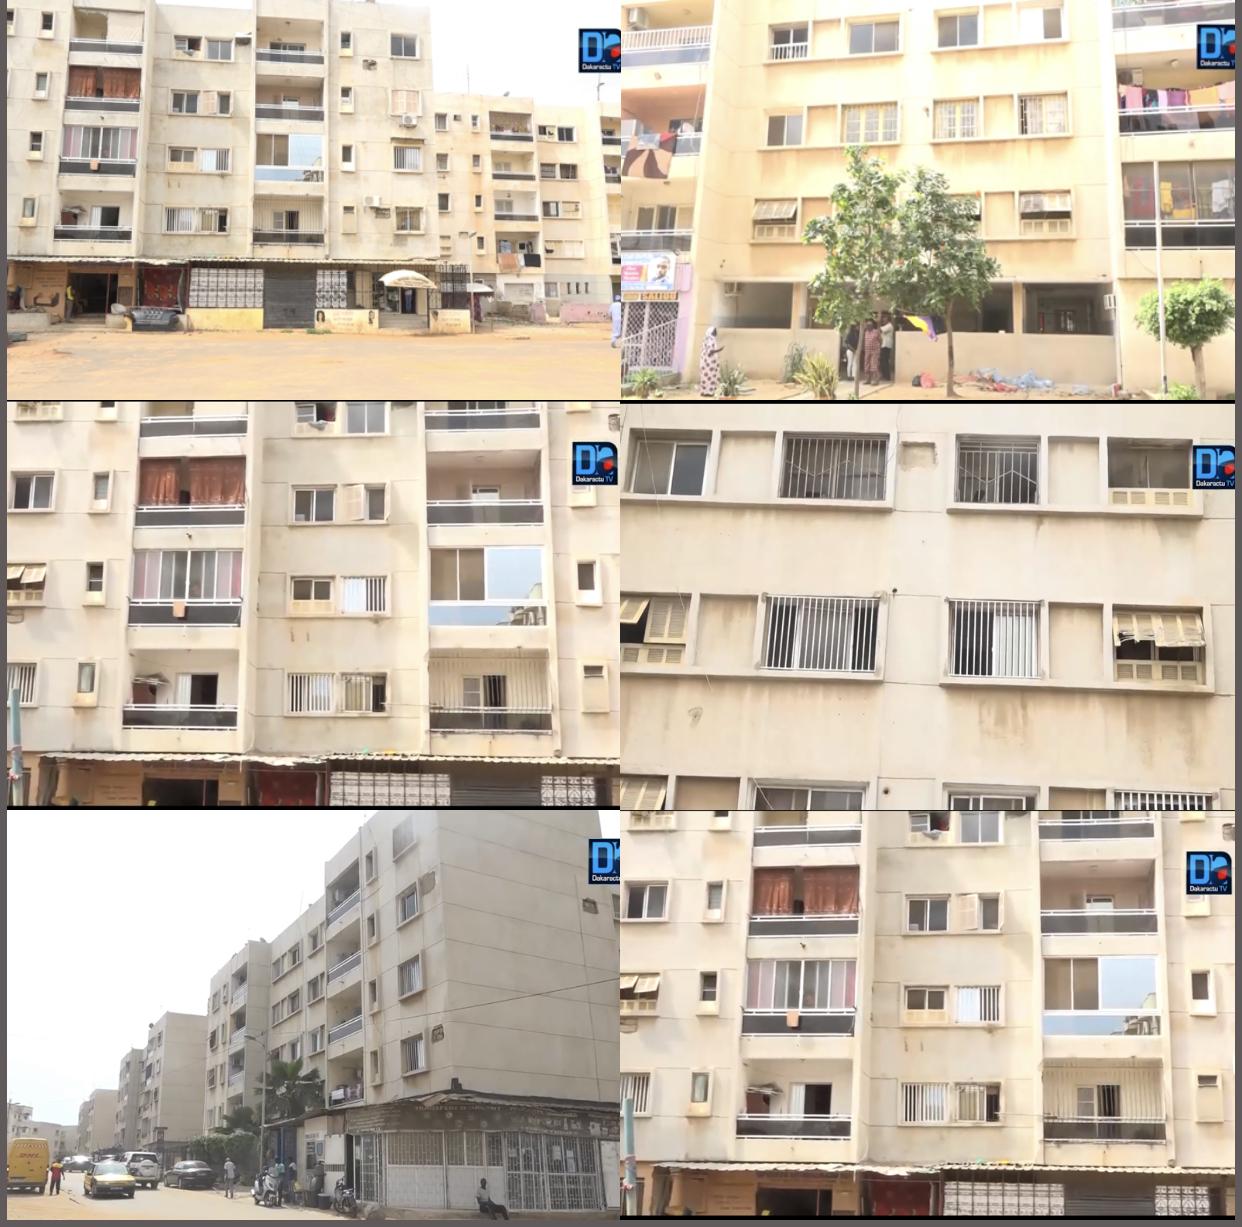 Déguerpissement d'un immeuble aux Hlm Maristes : Les anciennes Lionnes du basket-ball refusent de se plier à la décision préfectorale.